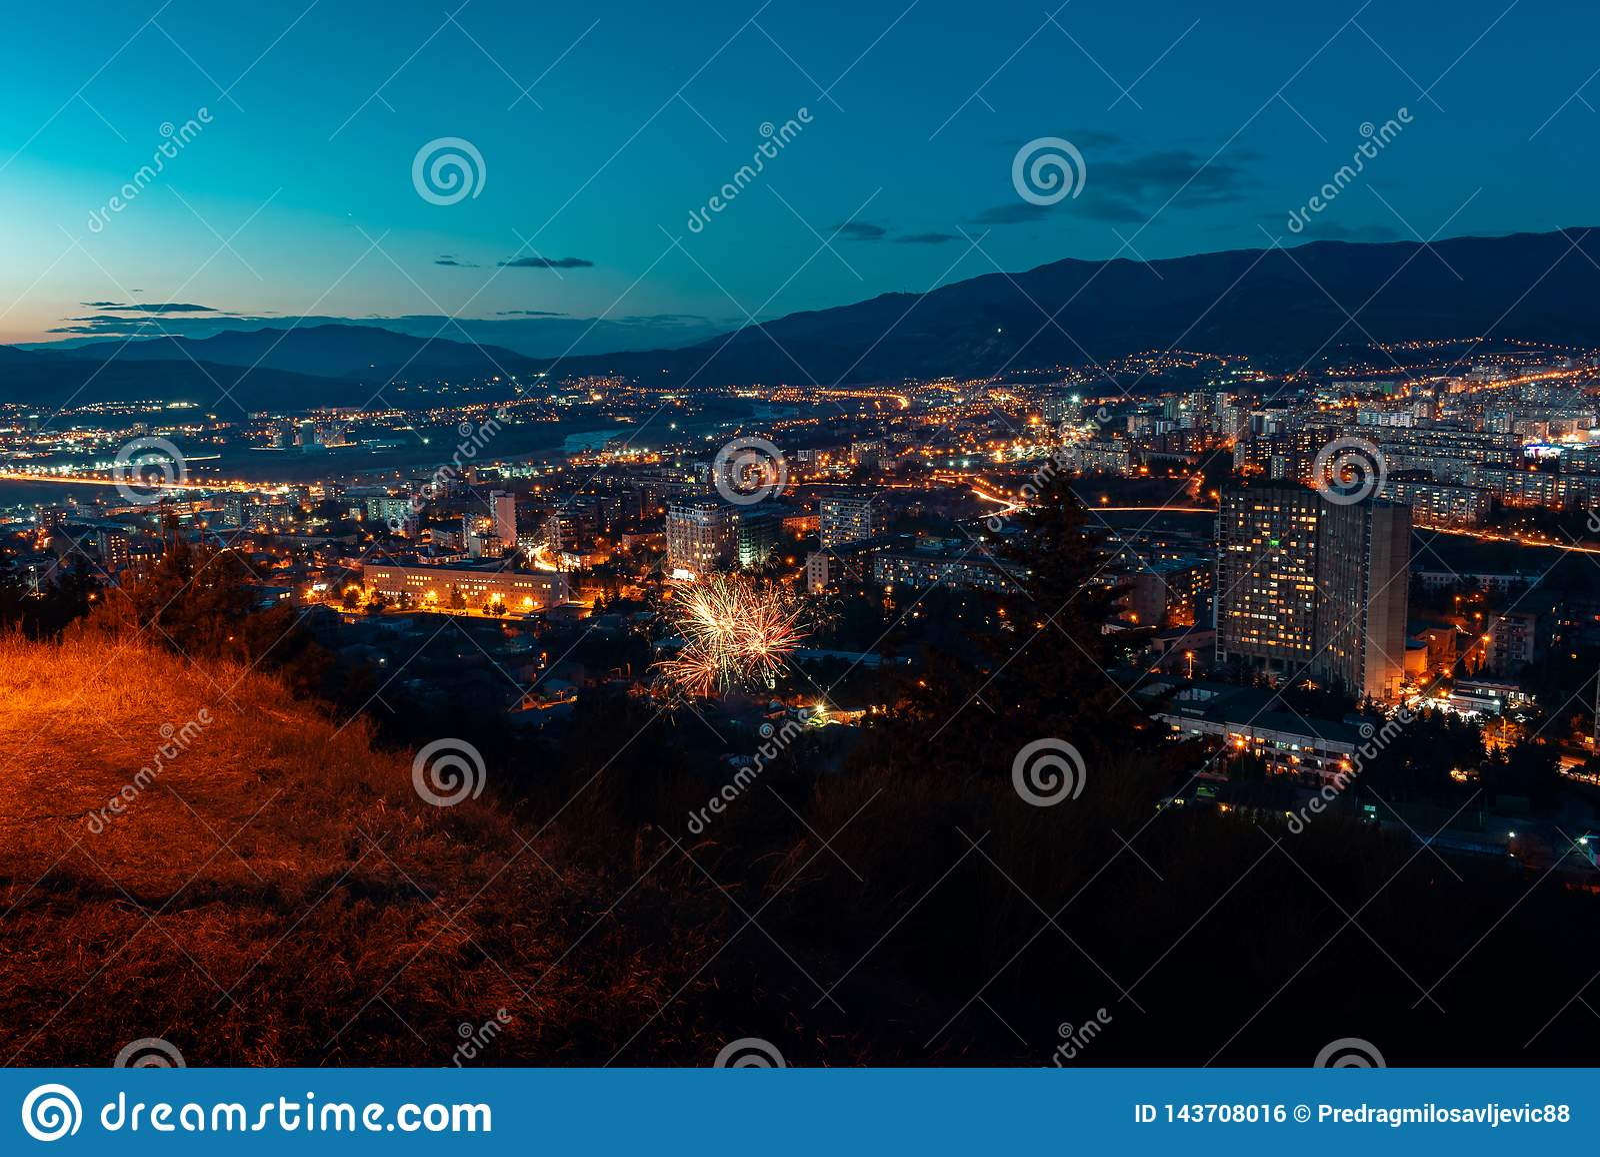 Visión aérea, opinión del paisaje urbano de la noche con el cielo nocturno visión clara natural con los fuegos artificiales sobre